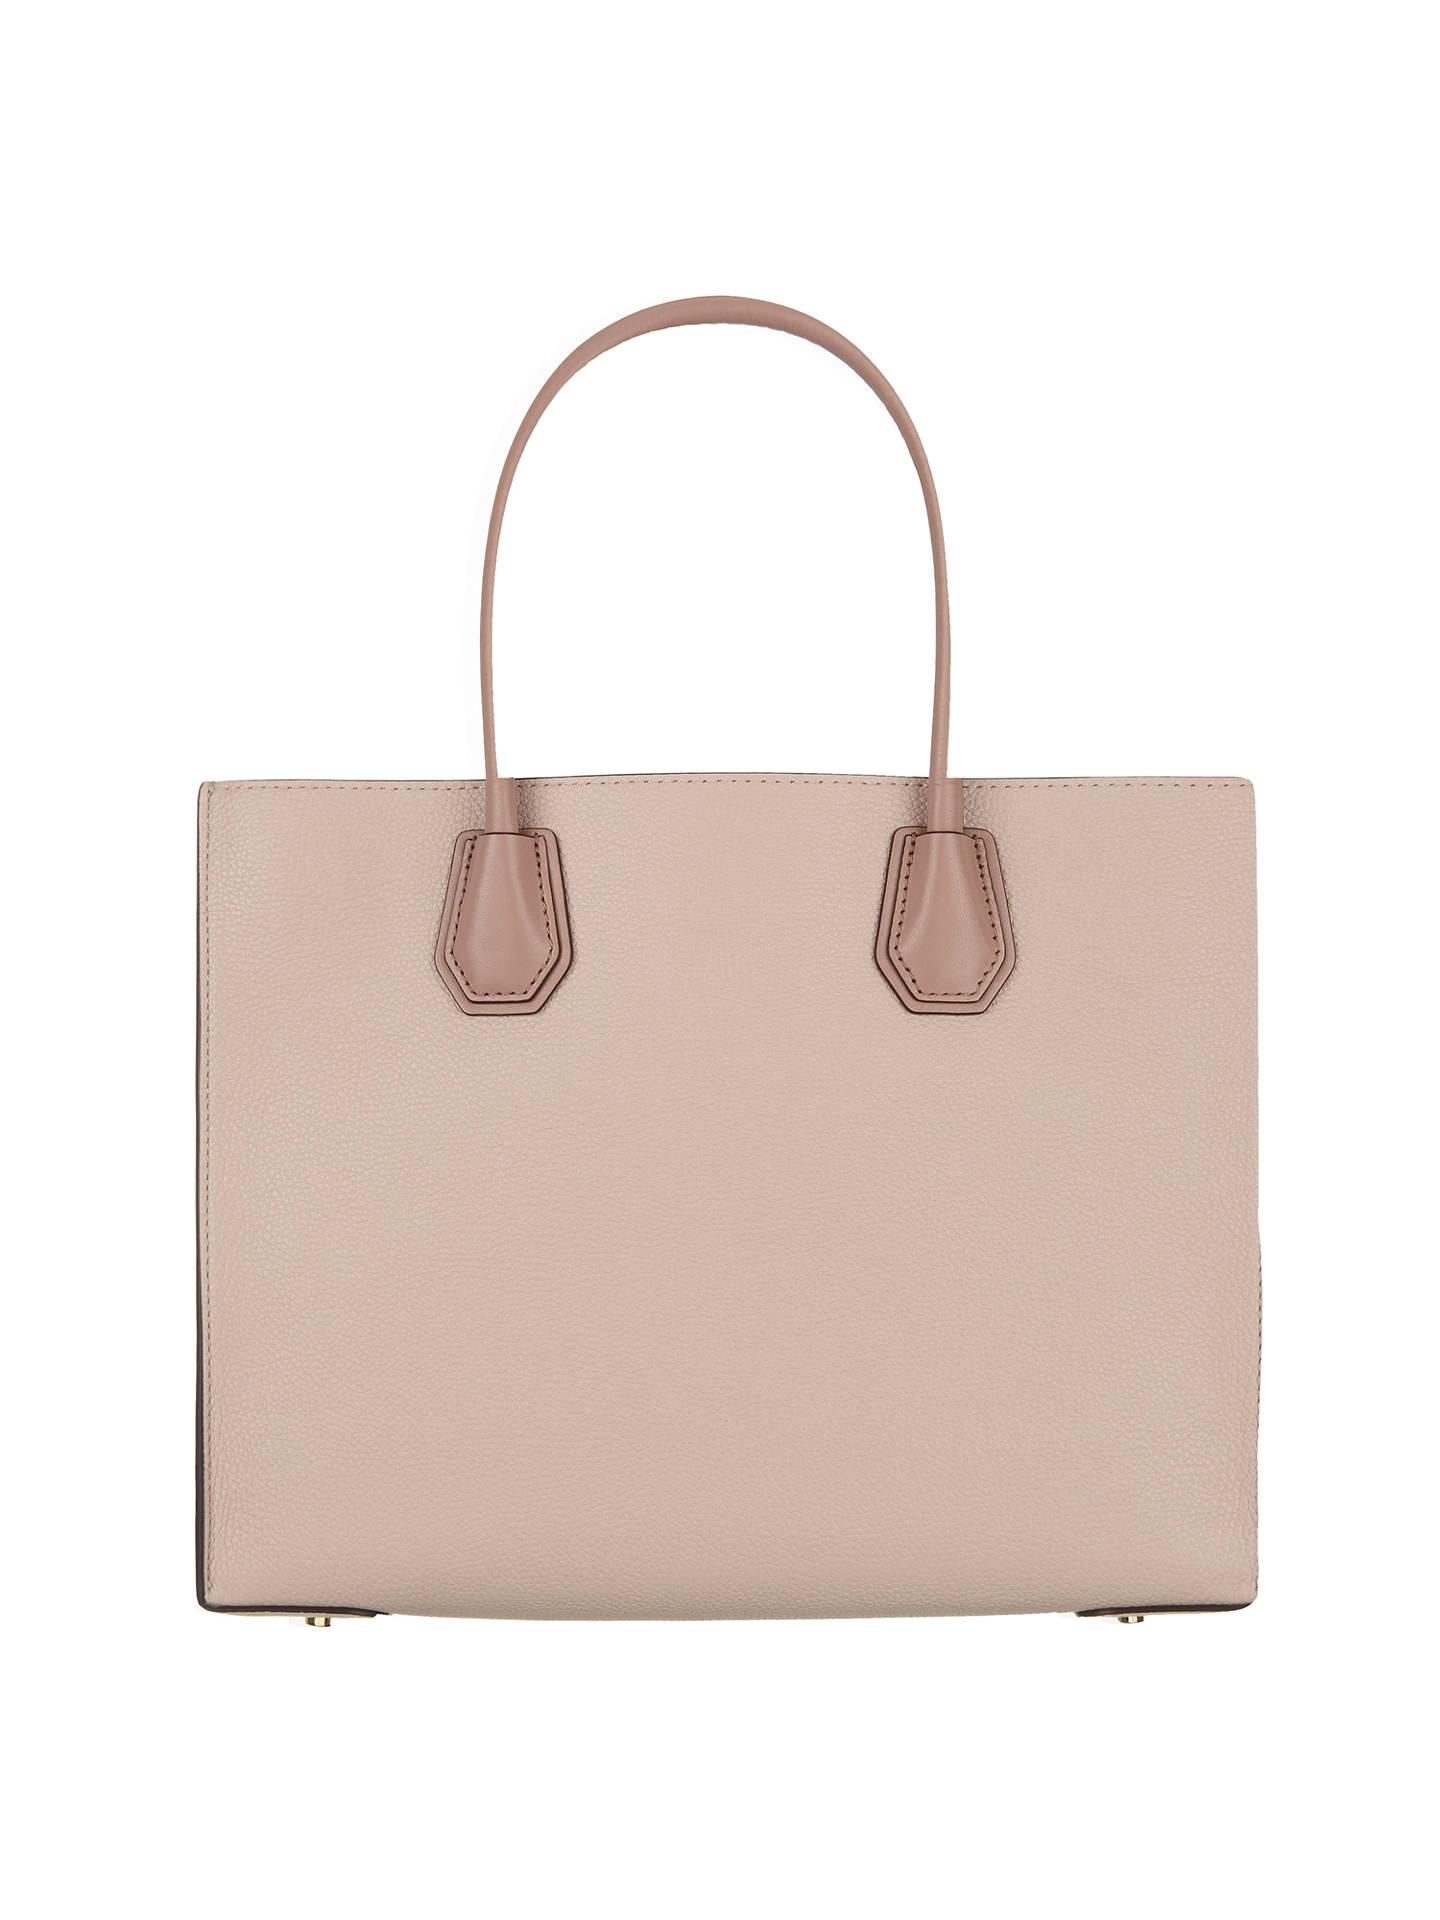 cb752daa6 ... Buy MICHAEL Michael Kors Mercer Large Leather Tote Bag, Multi Online at  johnlewis.com ...